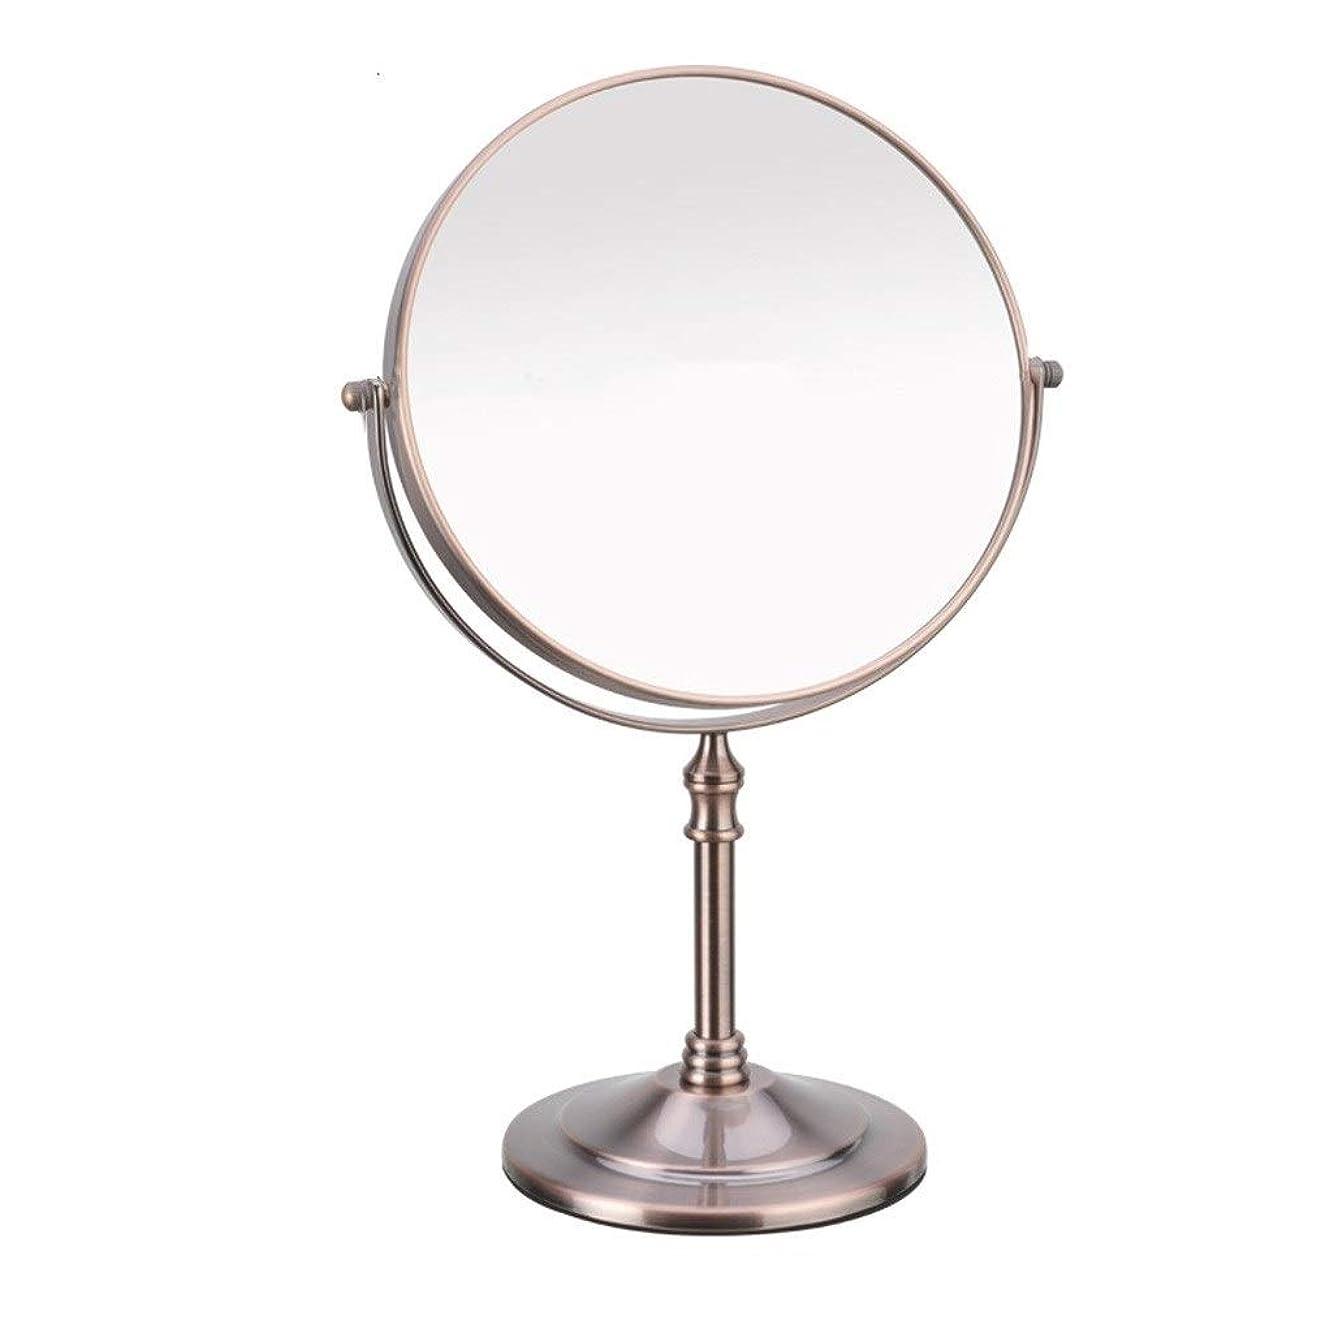 純正クリスマス寝具Selm カウンタートップ化粧鏡、両面1倍/ 3倍倍率卓上ベッドルームに適した360度回転バニティミラー金属材料 (Size : 8in)